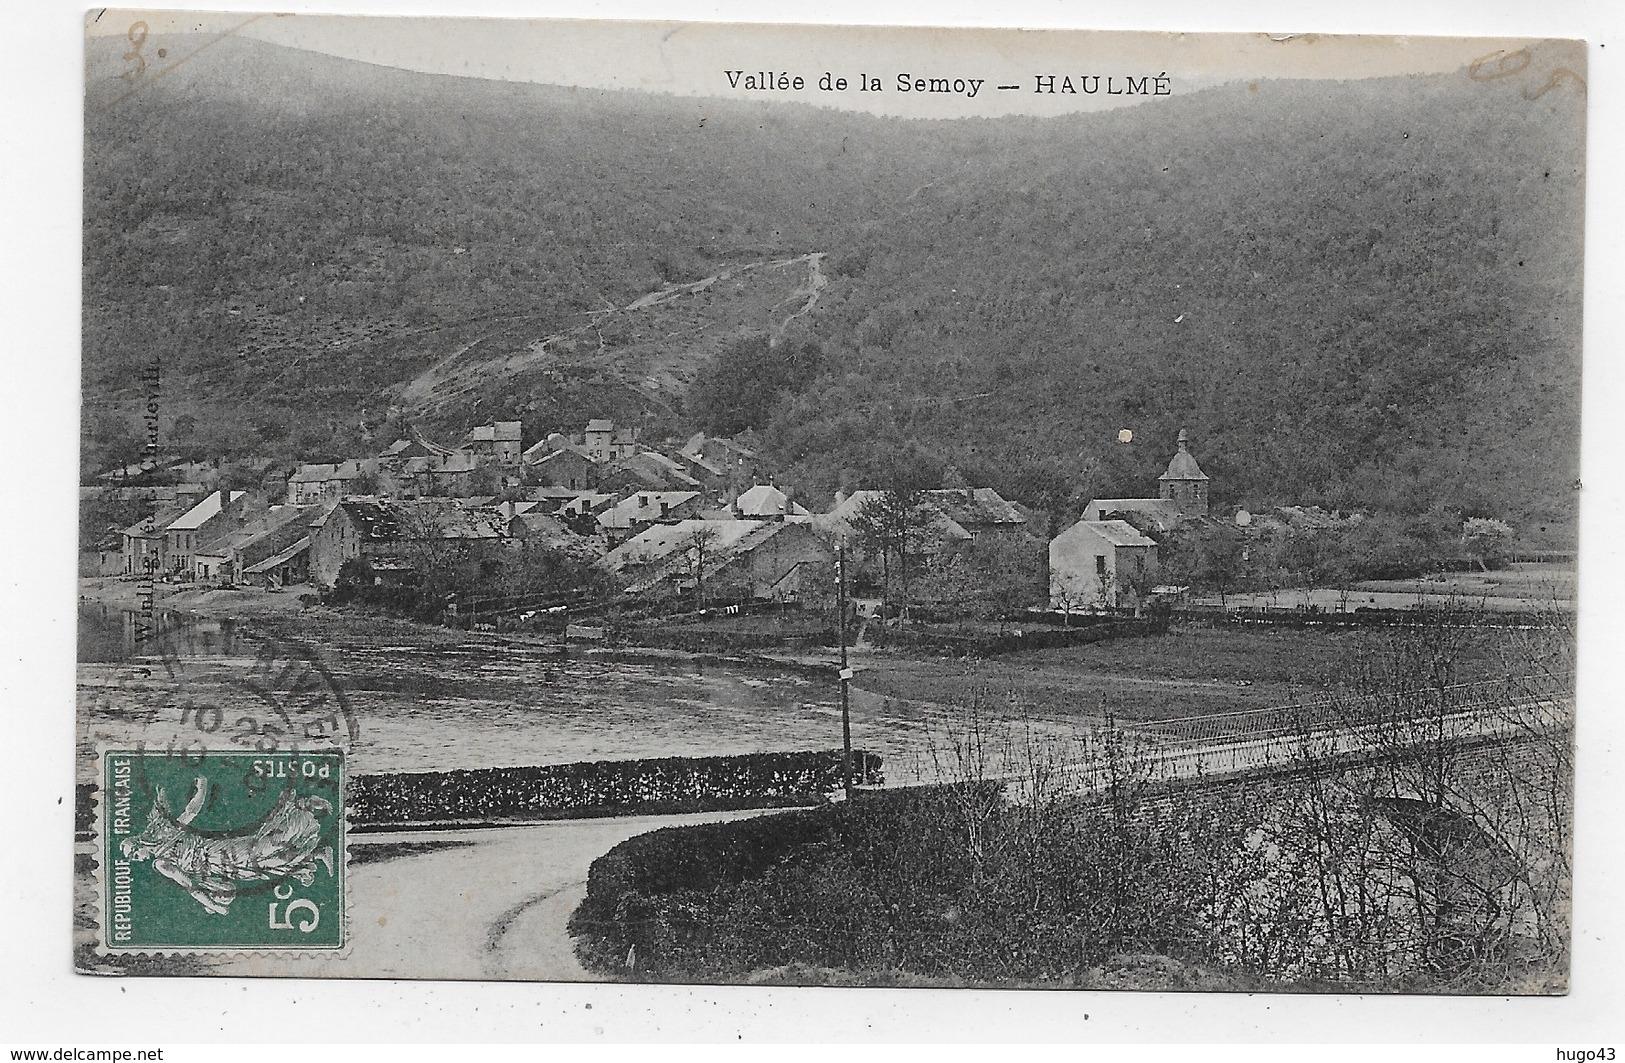 HAULME EN 1911 - VALLEE DE LA SEMOY - CPA VOYAGEE - France